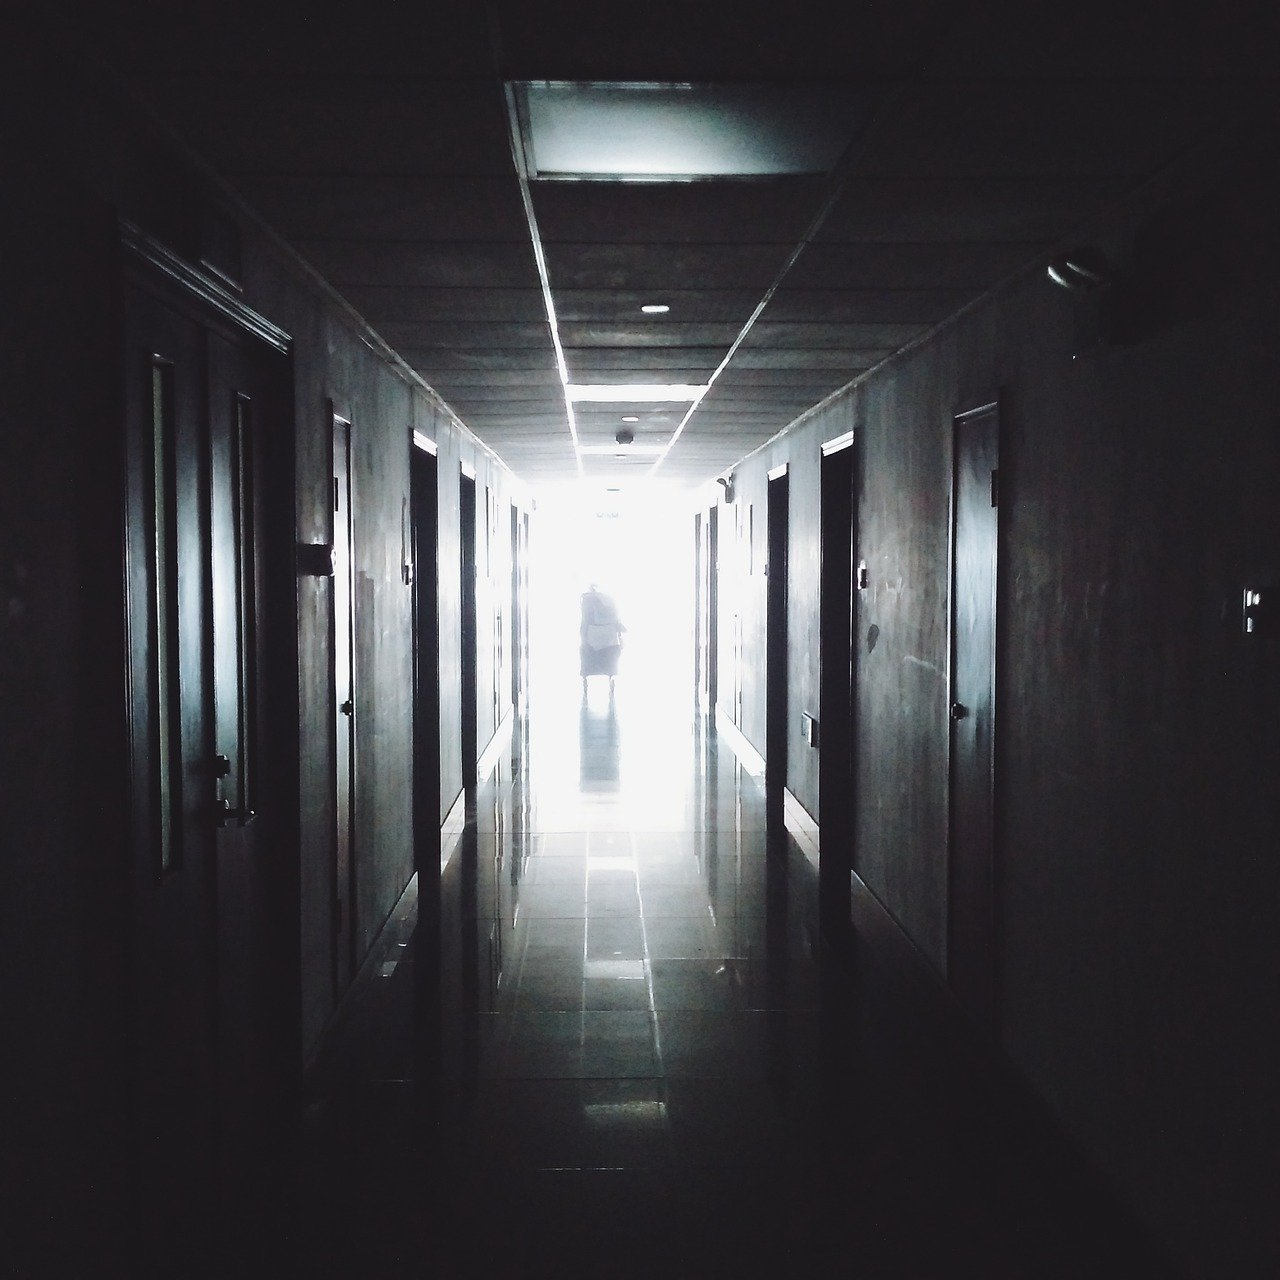 De acordo com o portal Nola, um gerador de energia da UTI do Hospital Regional Thibodaux na Paróquia de Lafourche, falhou durante a passagem do IDA. Os profissionais da saúde tiveram que se esforçar para conseguir manter os pacientes respirando até movê-los para outro espaço. (Foto: Pixabay)